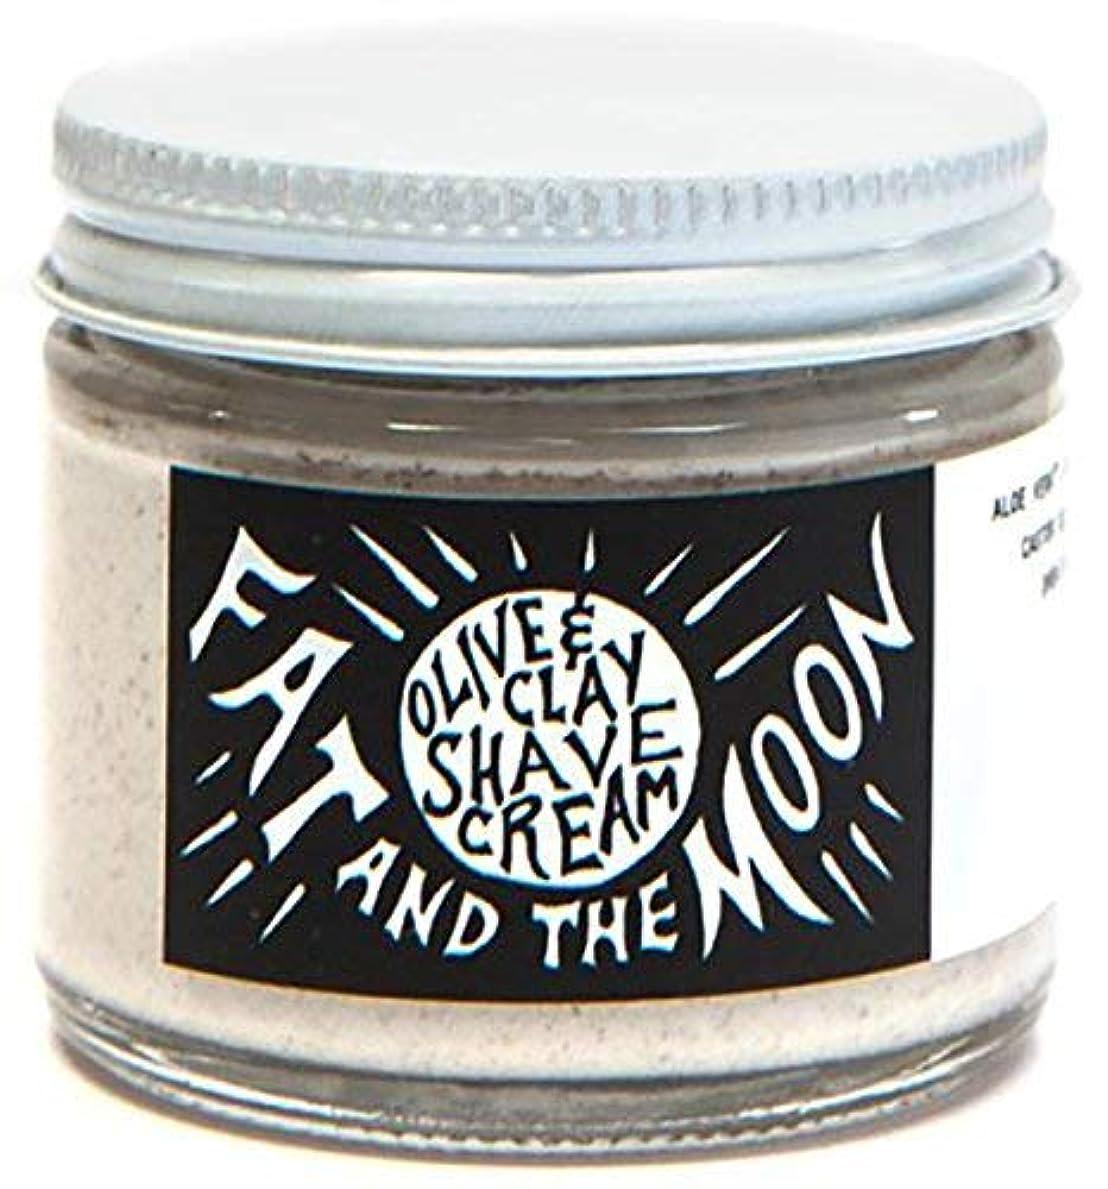 歩く帳面異邦人Fat and The Moon - All Natural Olive & Clay Shave Cream (2 fl oz) [並行輸入品]